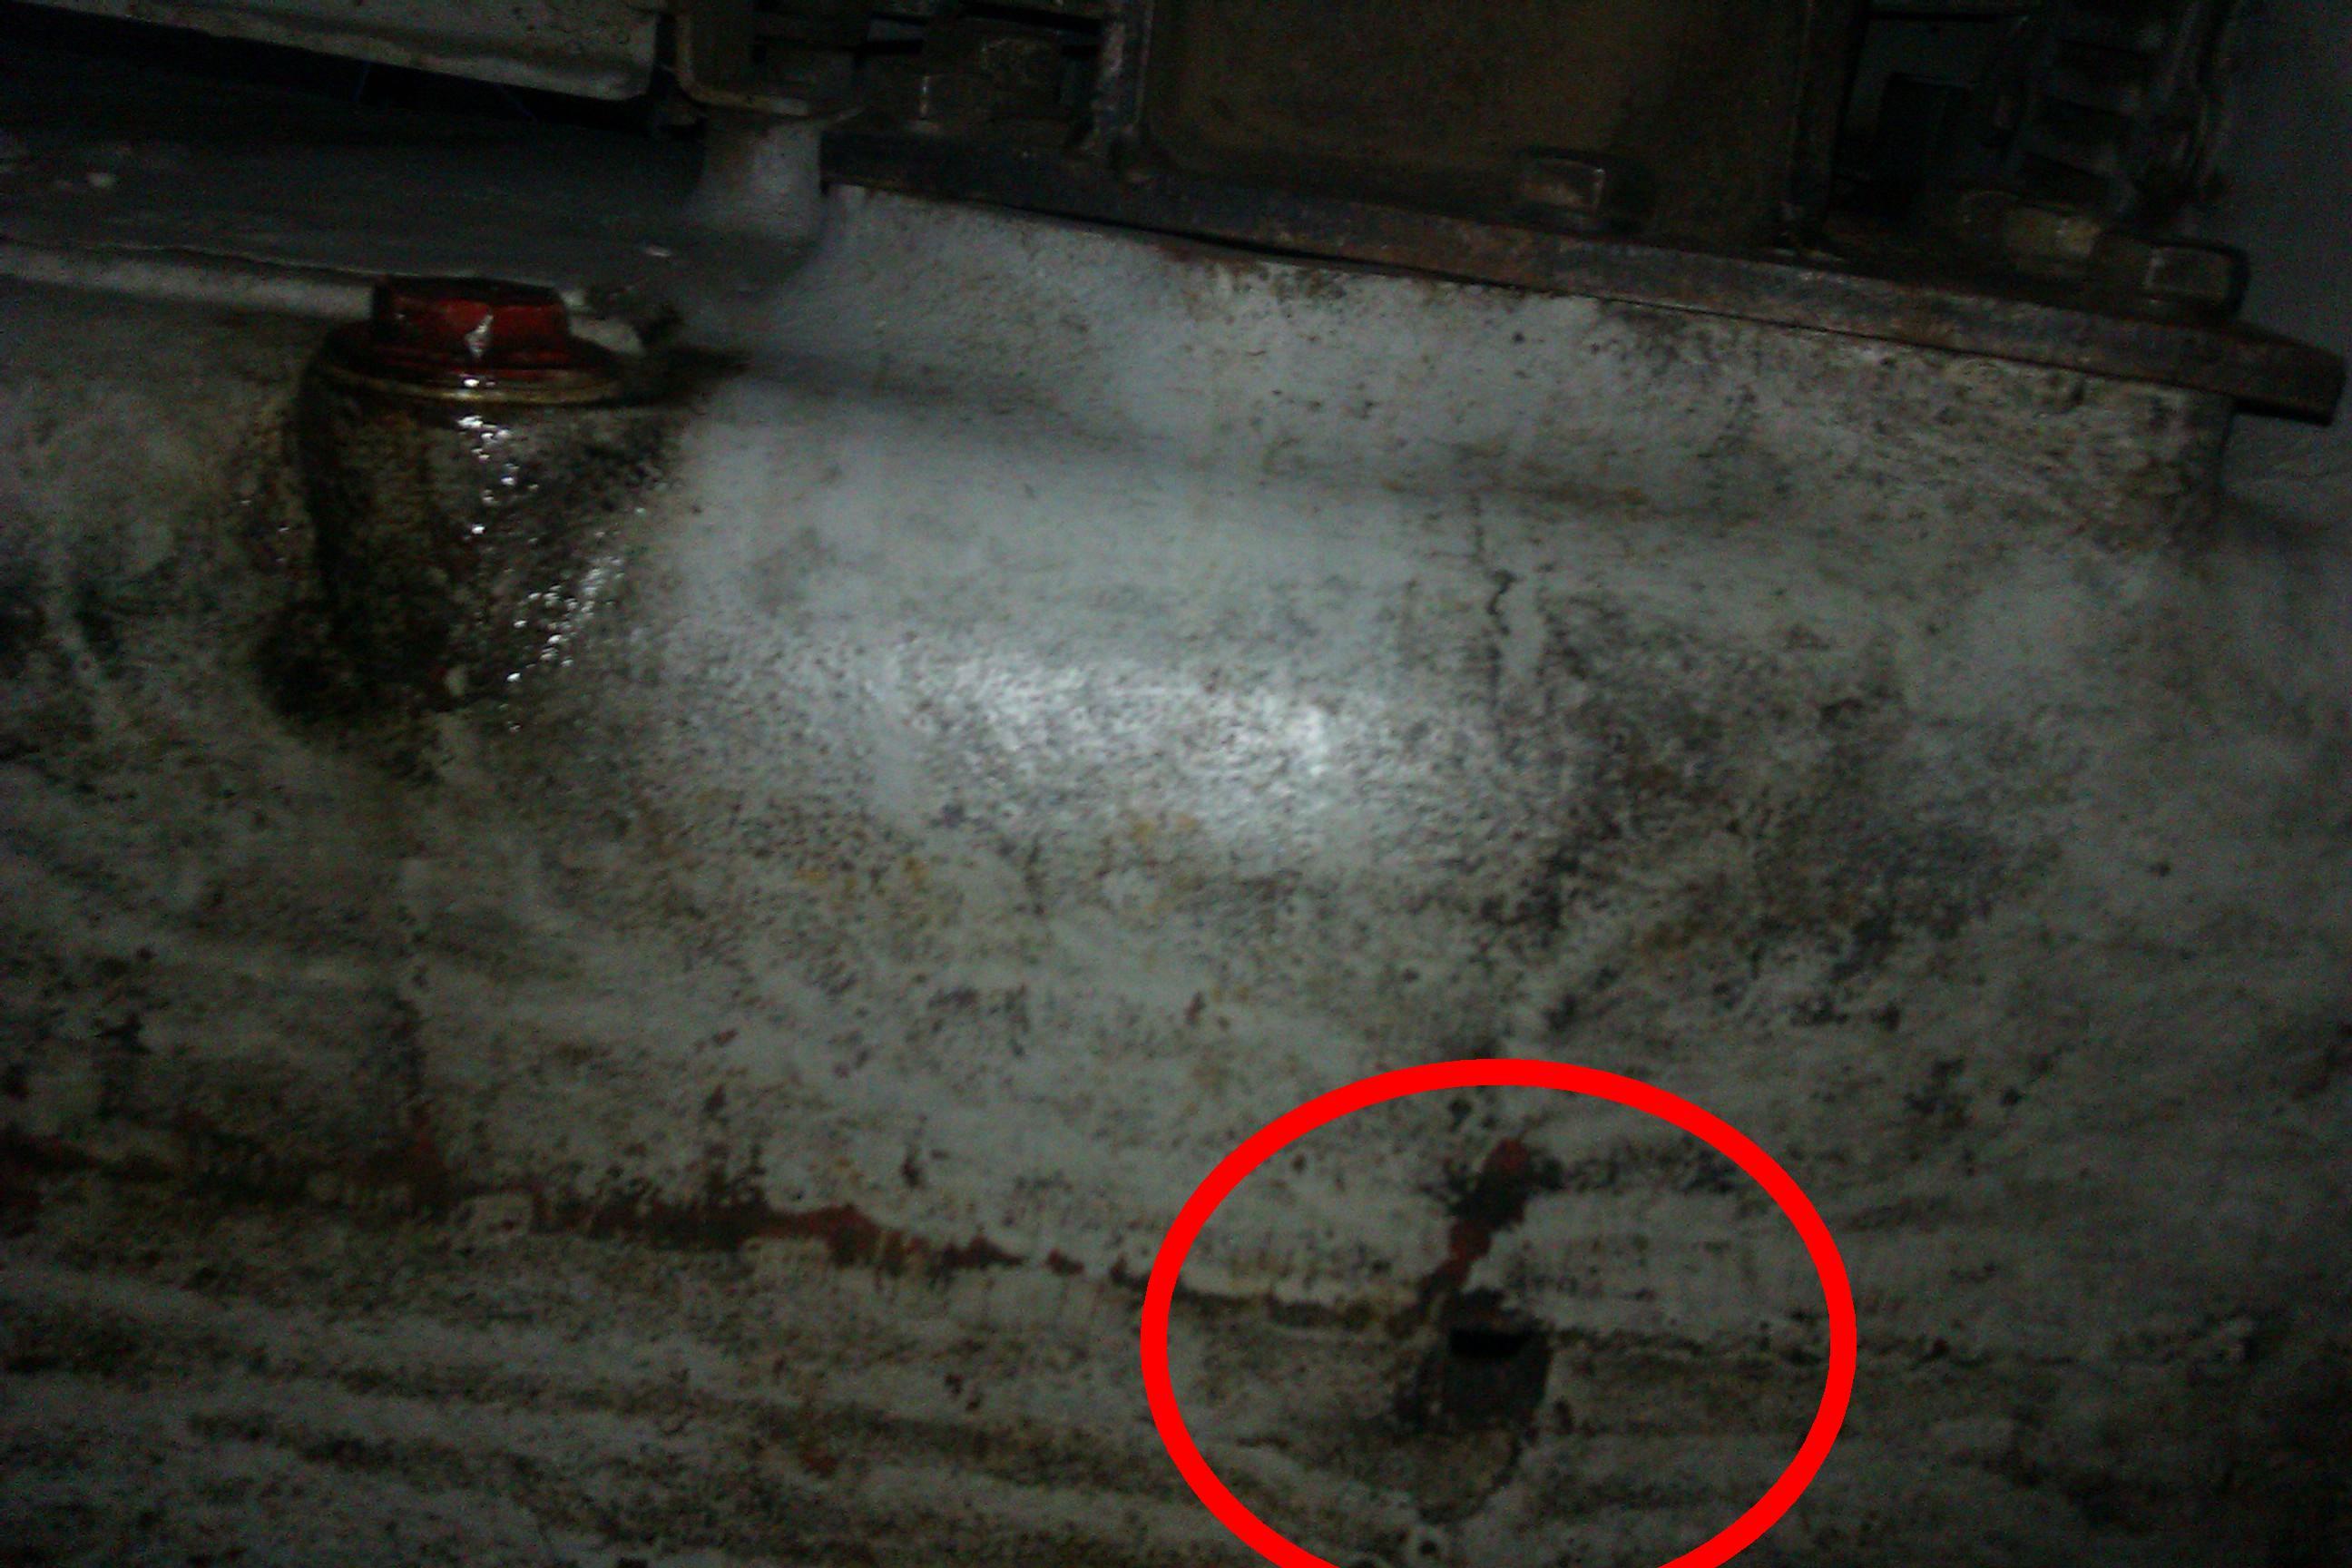 Ursus c-330 M - Ustawianie luz�w zawor�w, wyciek oleju spod ko�a pasowego.